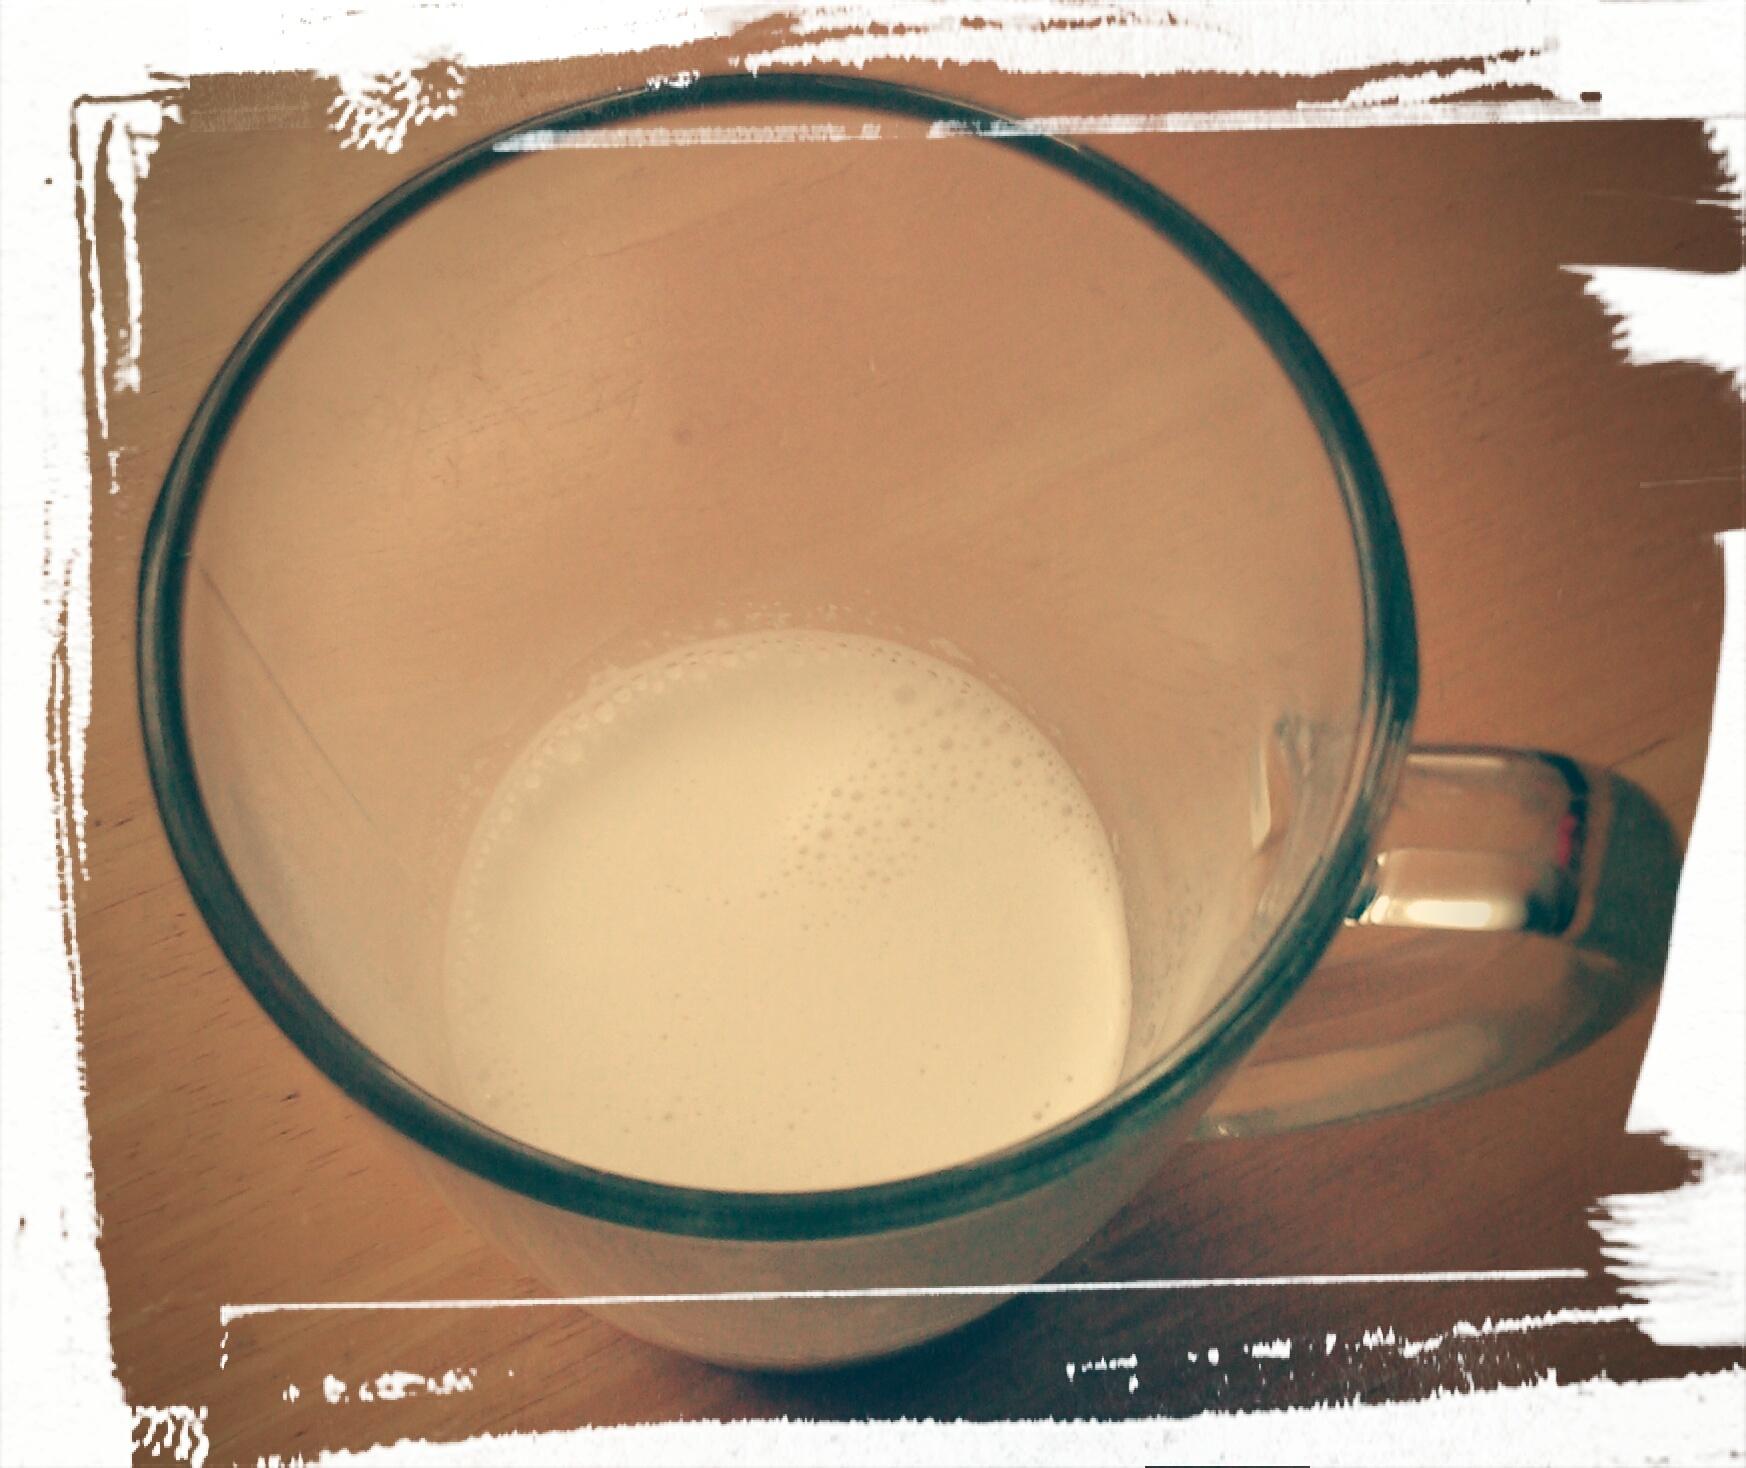 Moje kokosové mléko